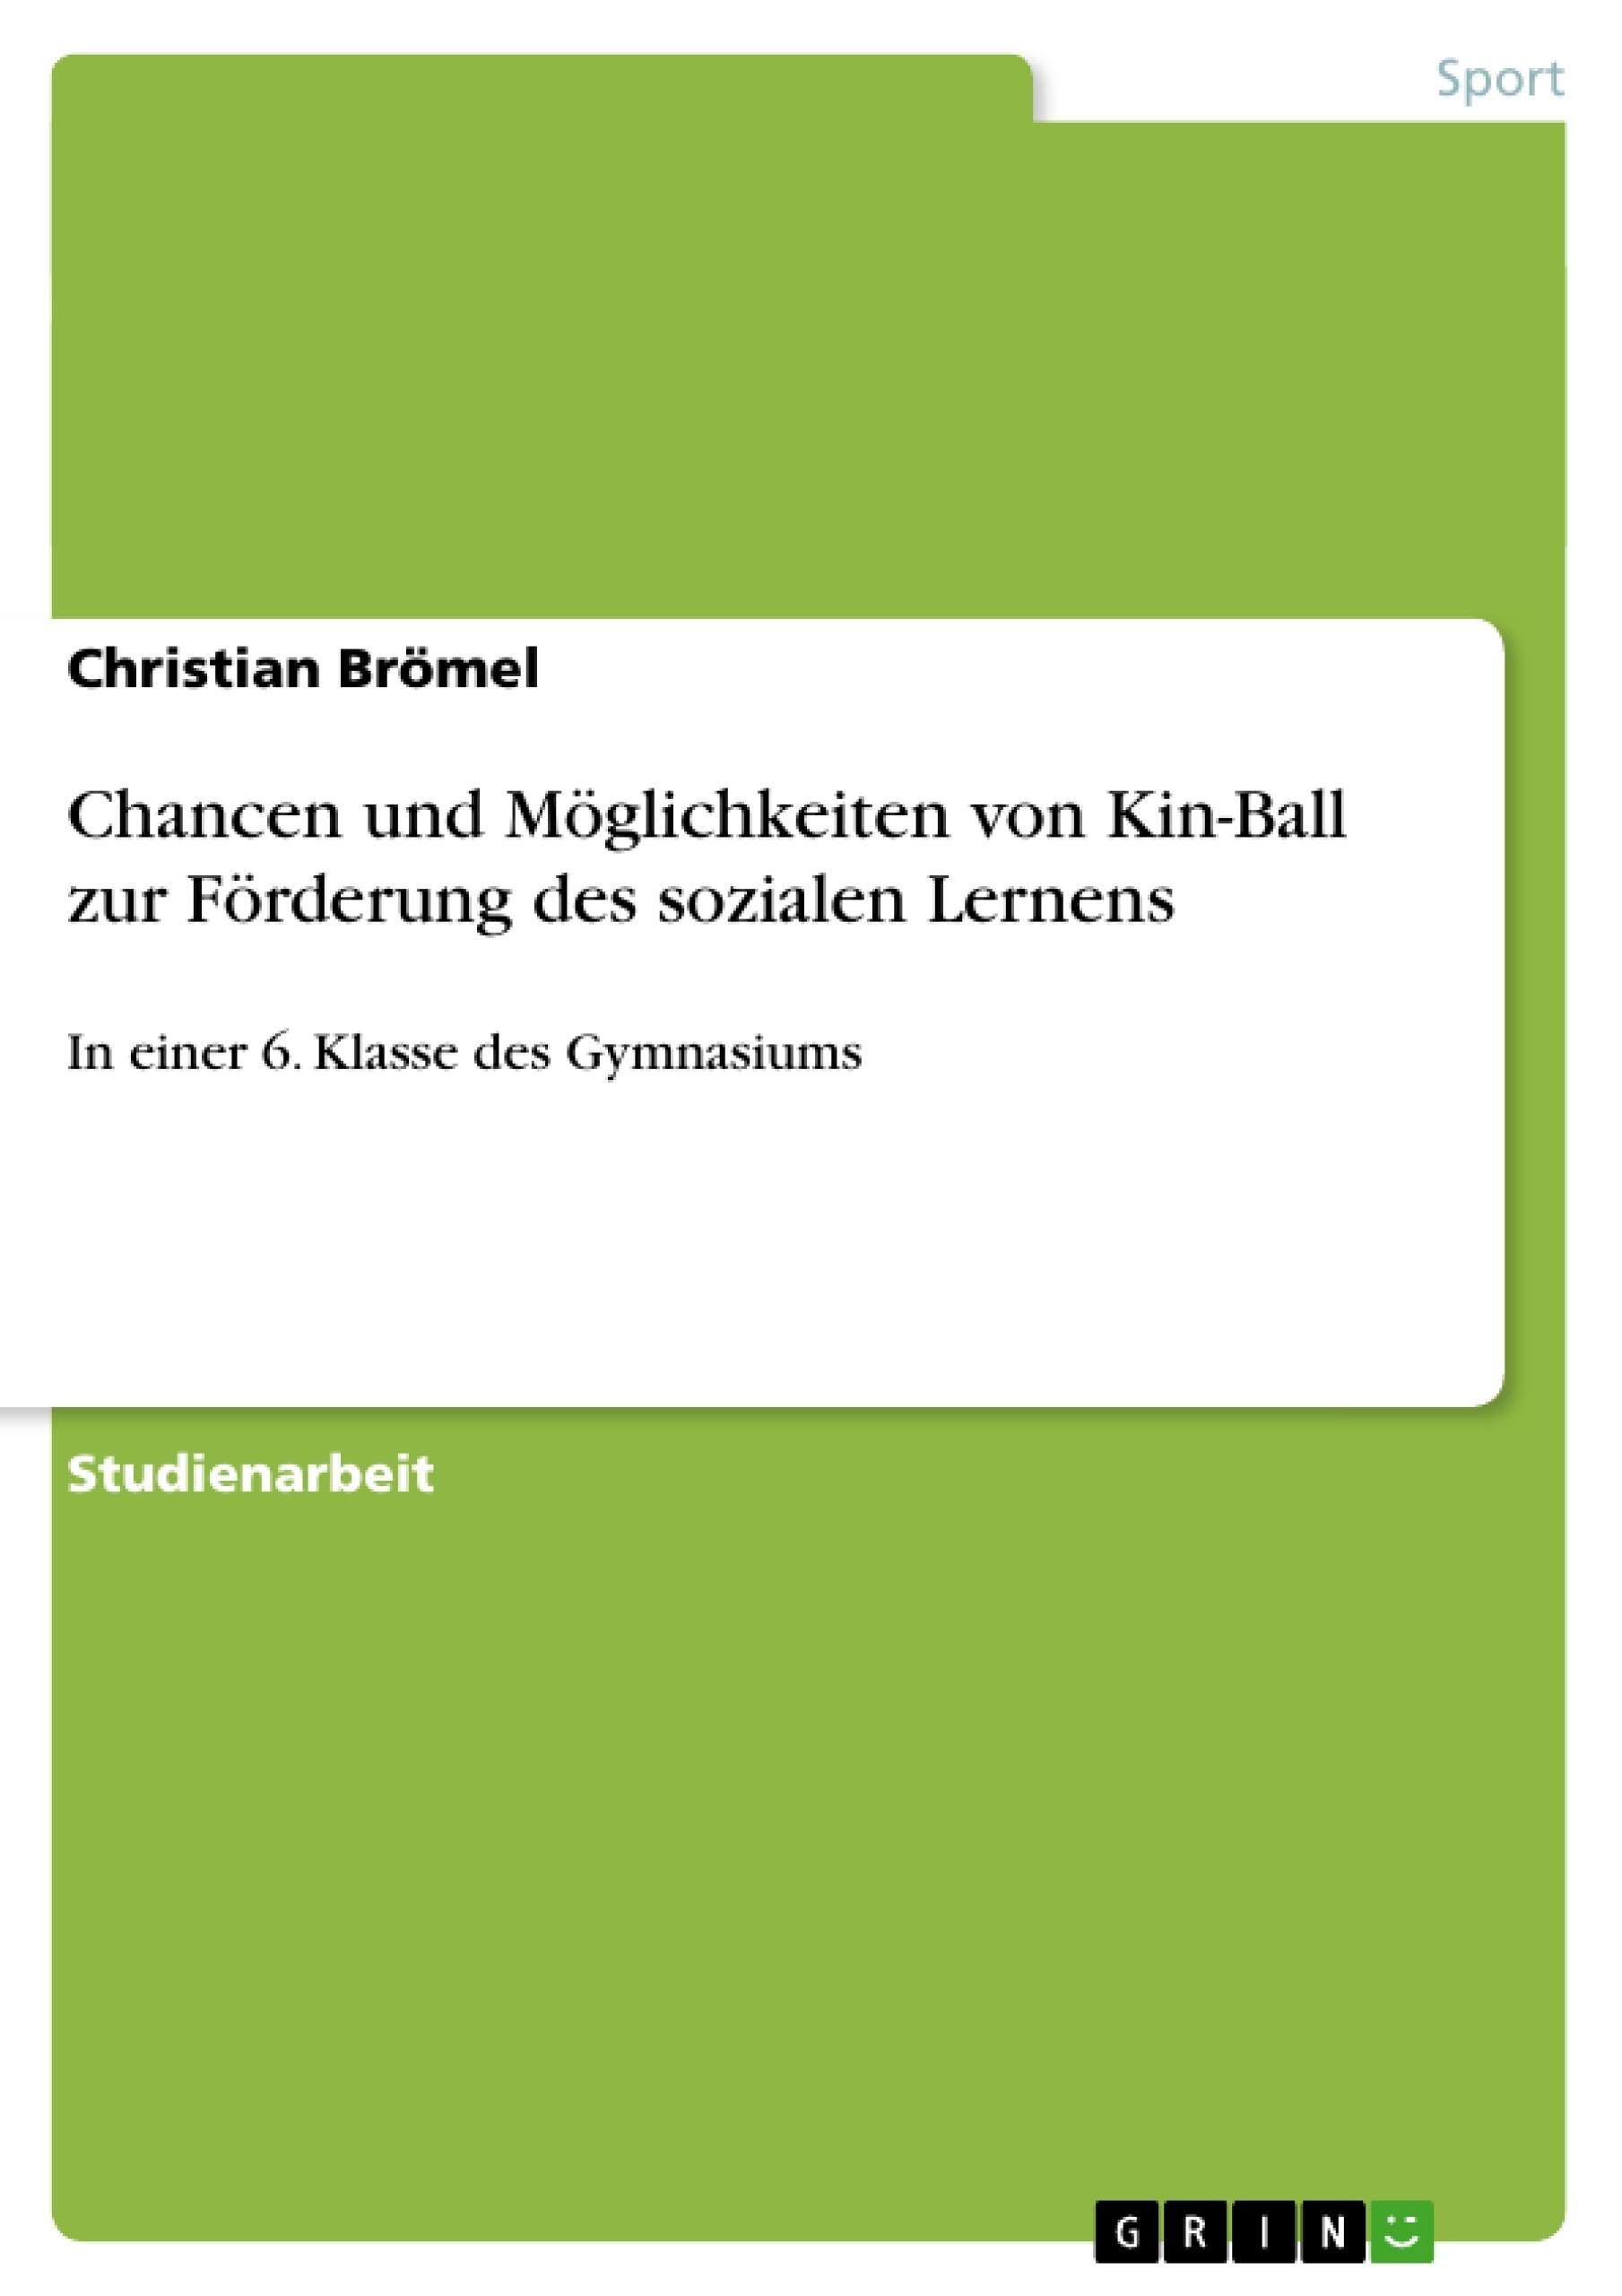 Titel: Chancen und Möglichkeiten von Kin-Ball zur Förderung des sozialen Lernens